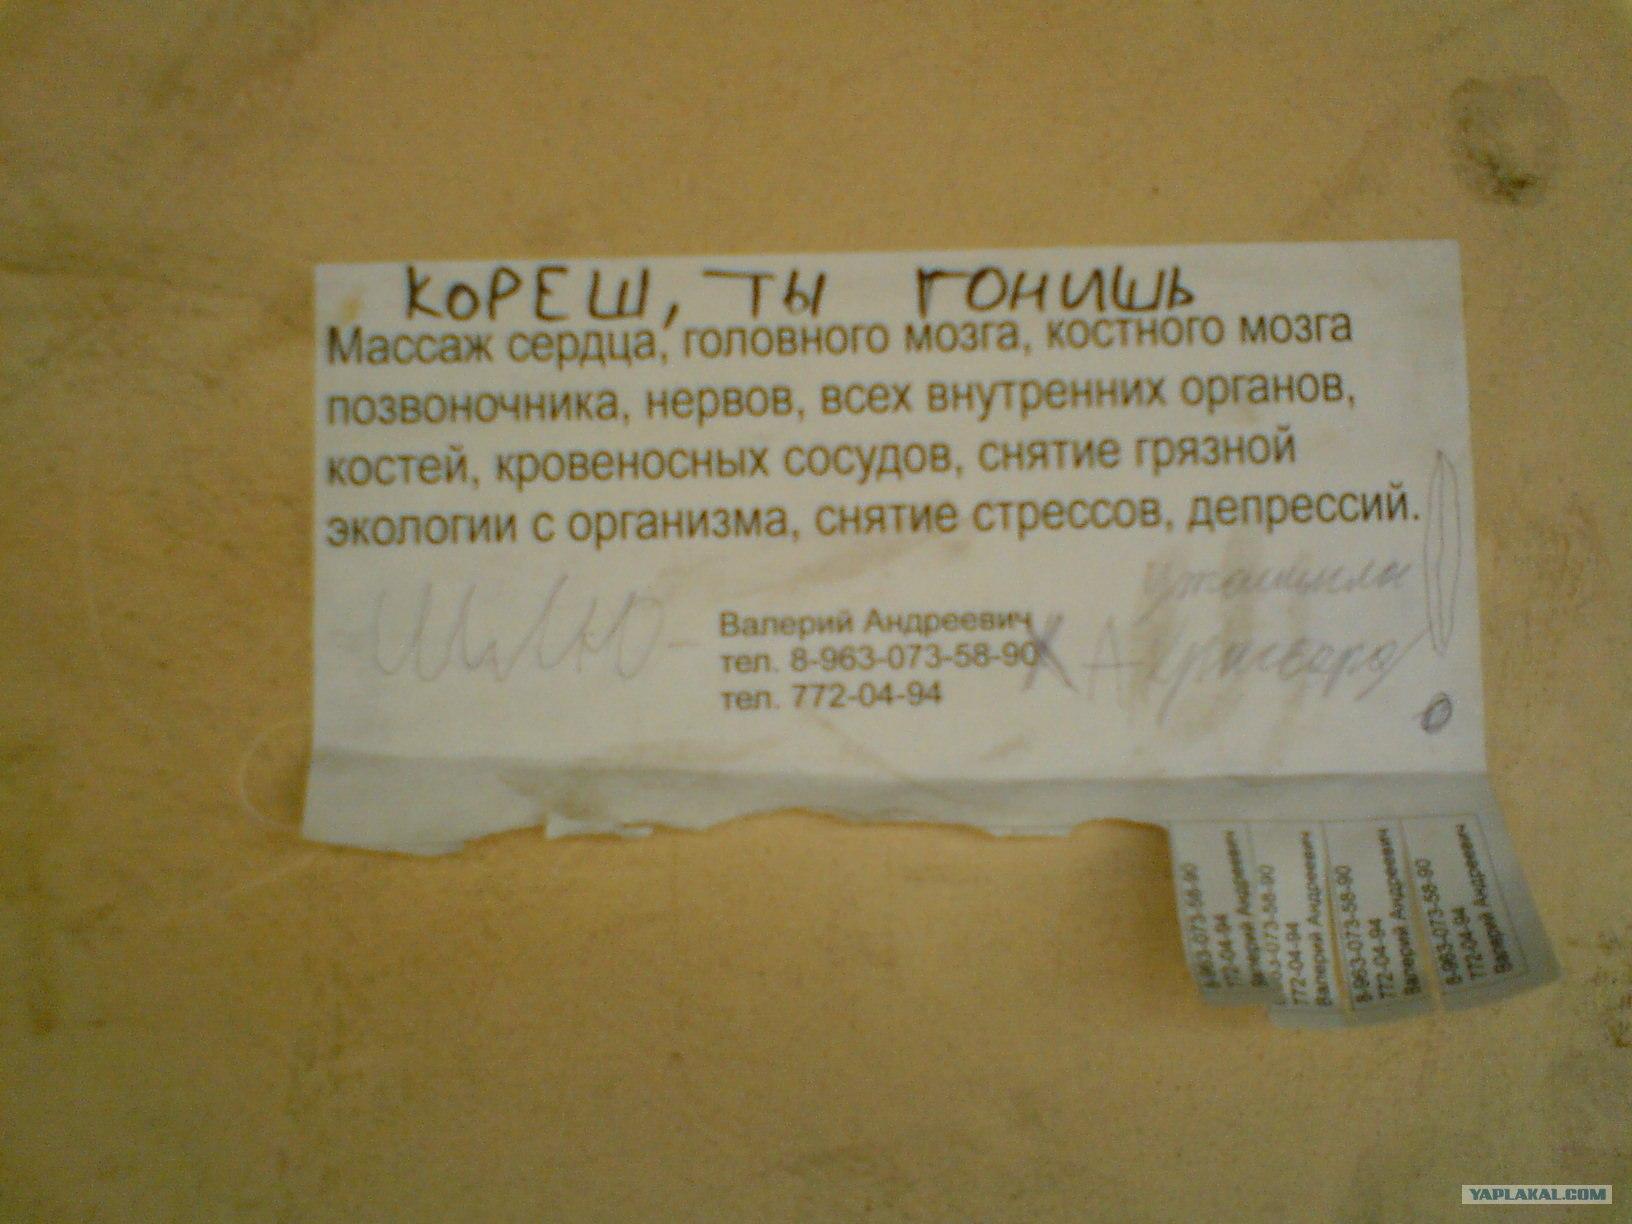 Объявления о продаже тойота витс с фото